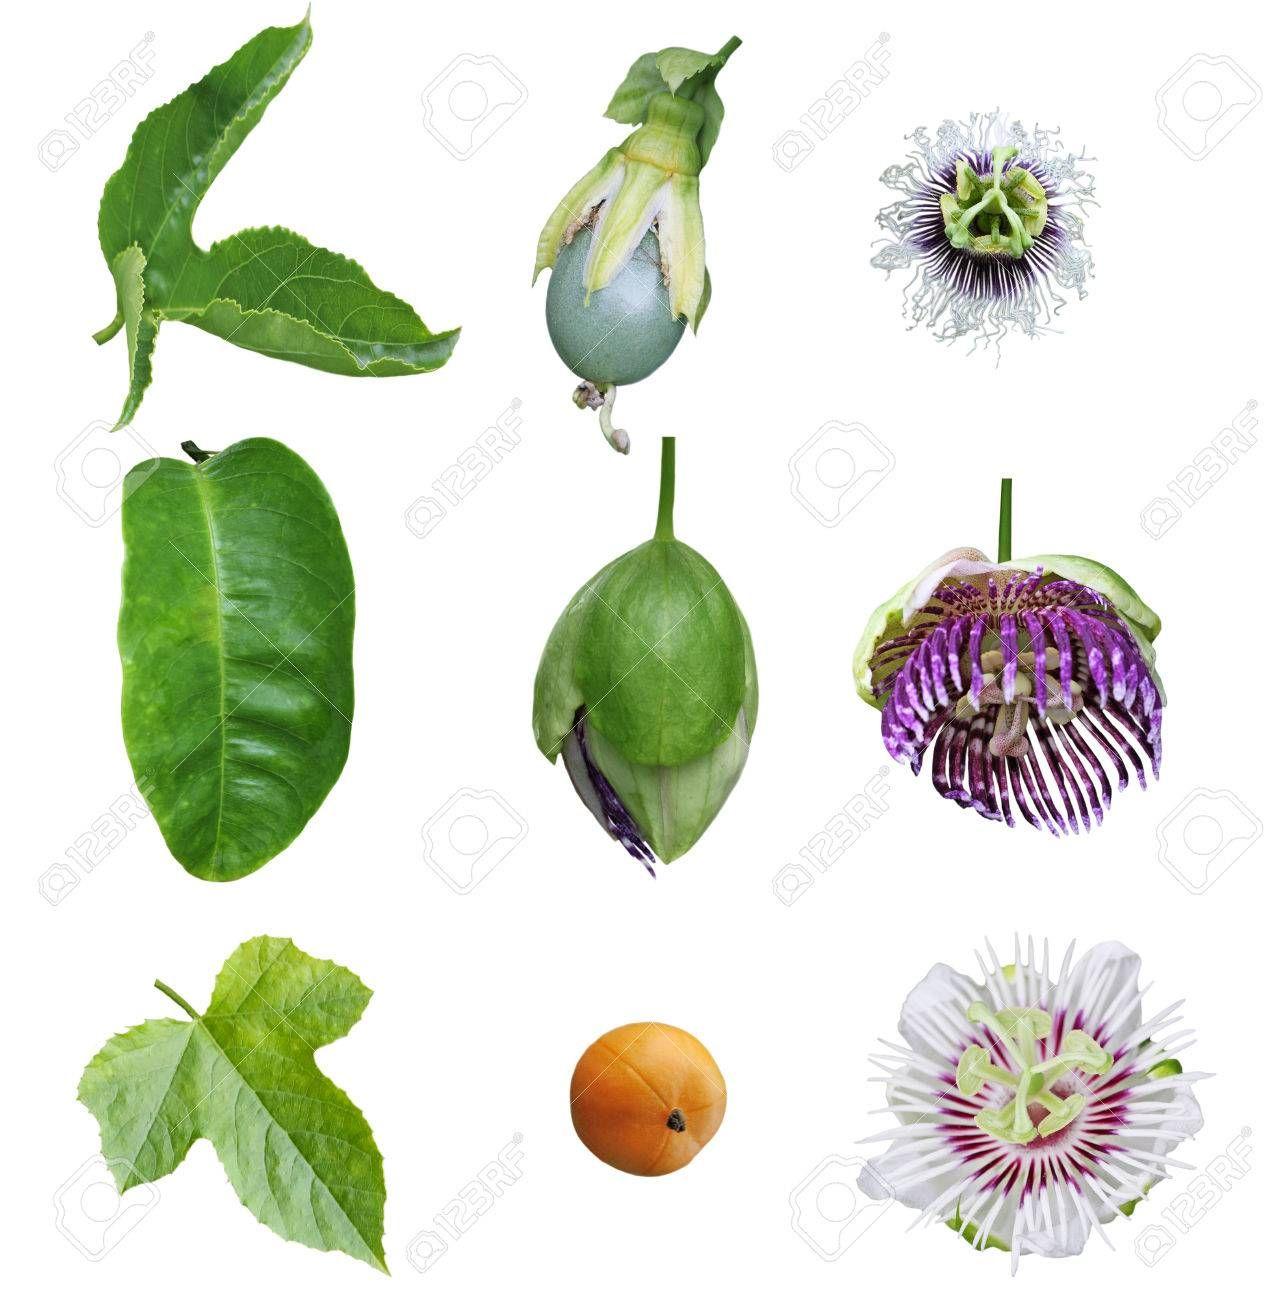 Images For > Bottlebrush Tree Landscaping plantings